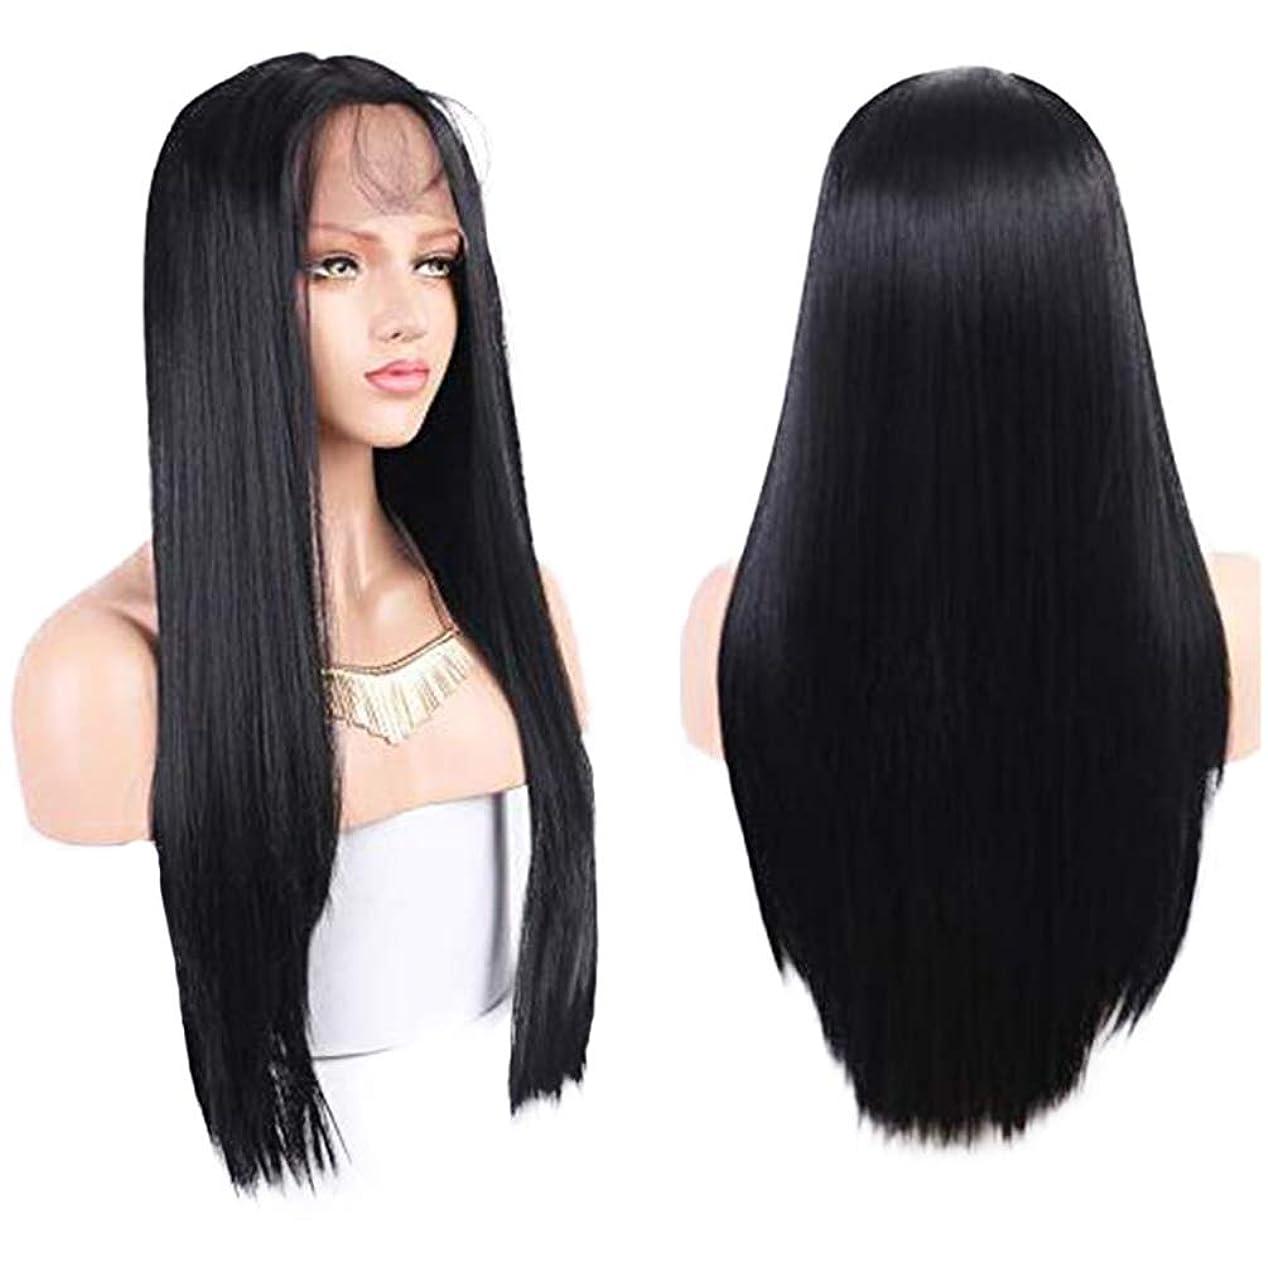 レンド哲学者展望台女性レースフロントかつら未処理バージン毛ブラジルレミー人毛ストレート髪レースかつらベビー毛で150%密度